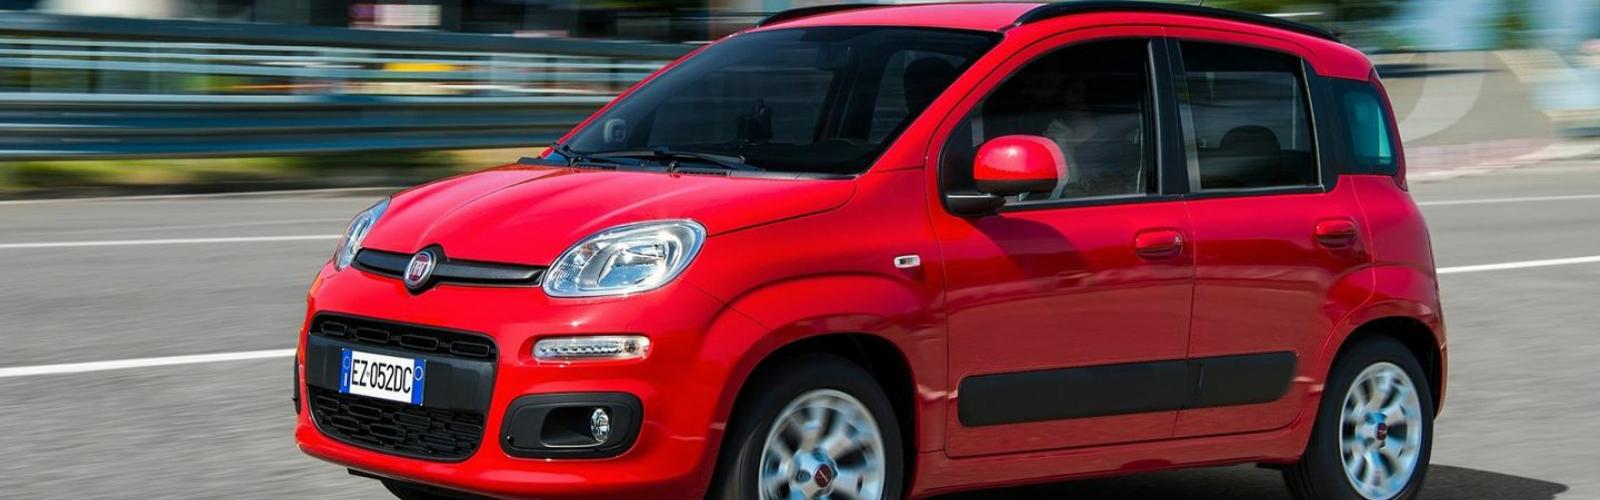 Auto Fiat Carlotti Luciano Srl Budrio